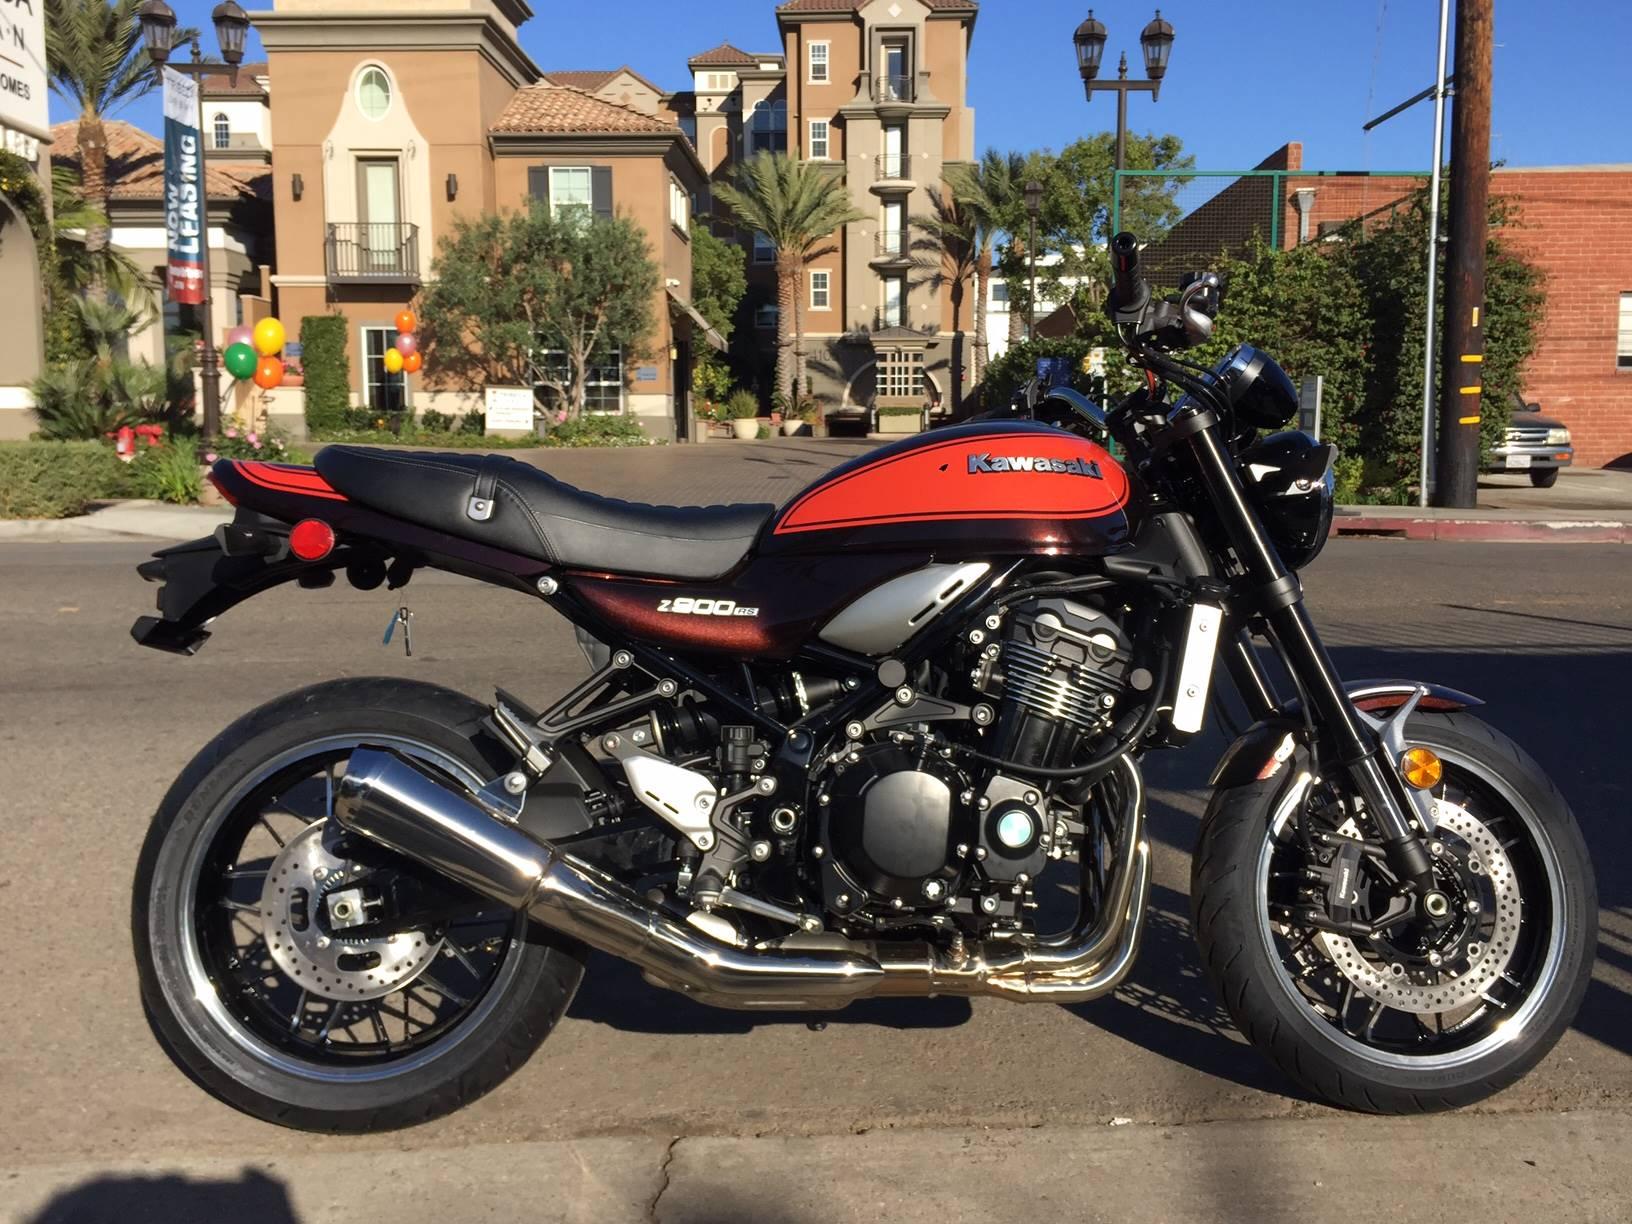 New Kawasaki Motorcycles For Sale